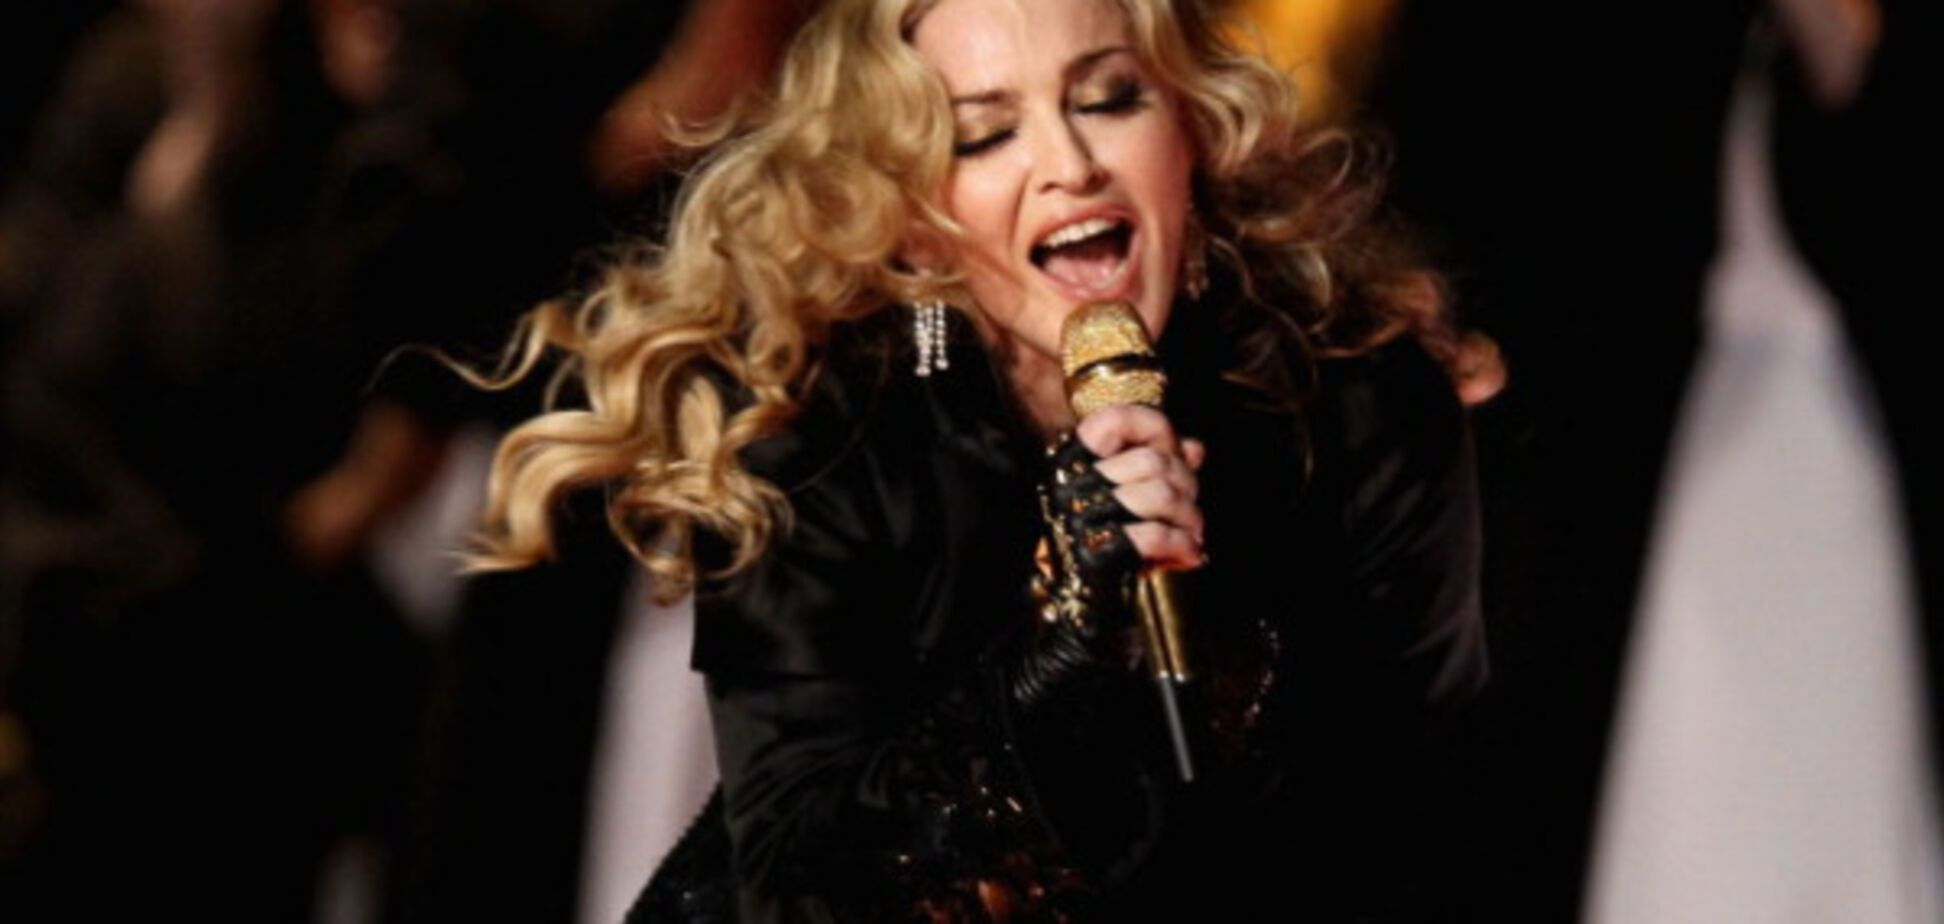 Мадонна потрапила в несподіваний скандал з удочерінням